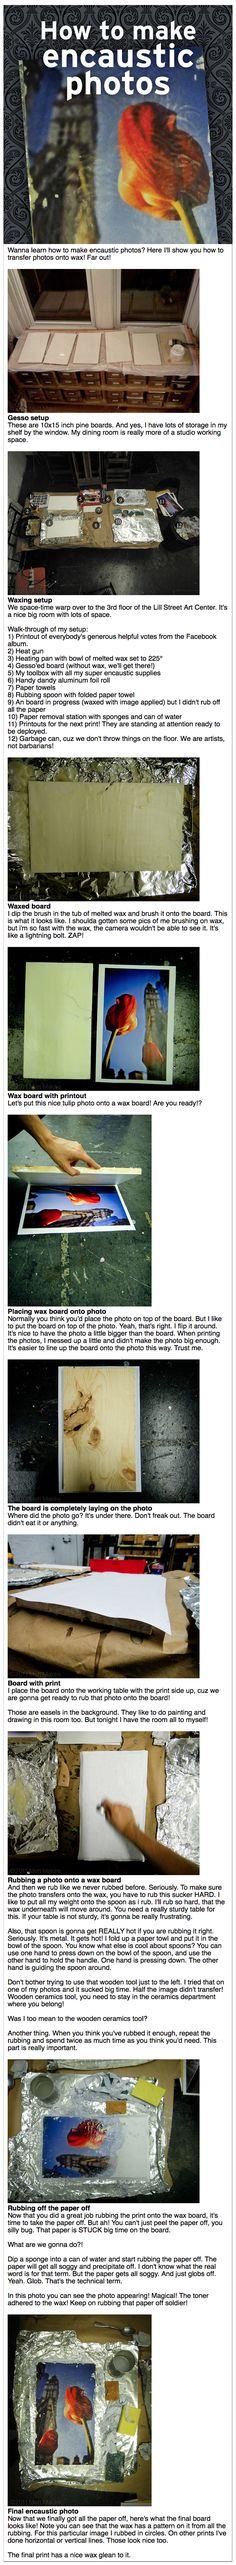 """How to make encaustic photos (wax) Een handige stap voor stap handleiding om een foto op wax te """"drukken""""."""